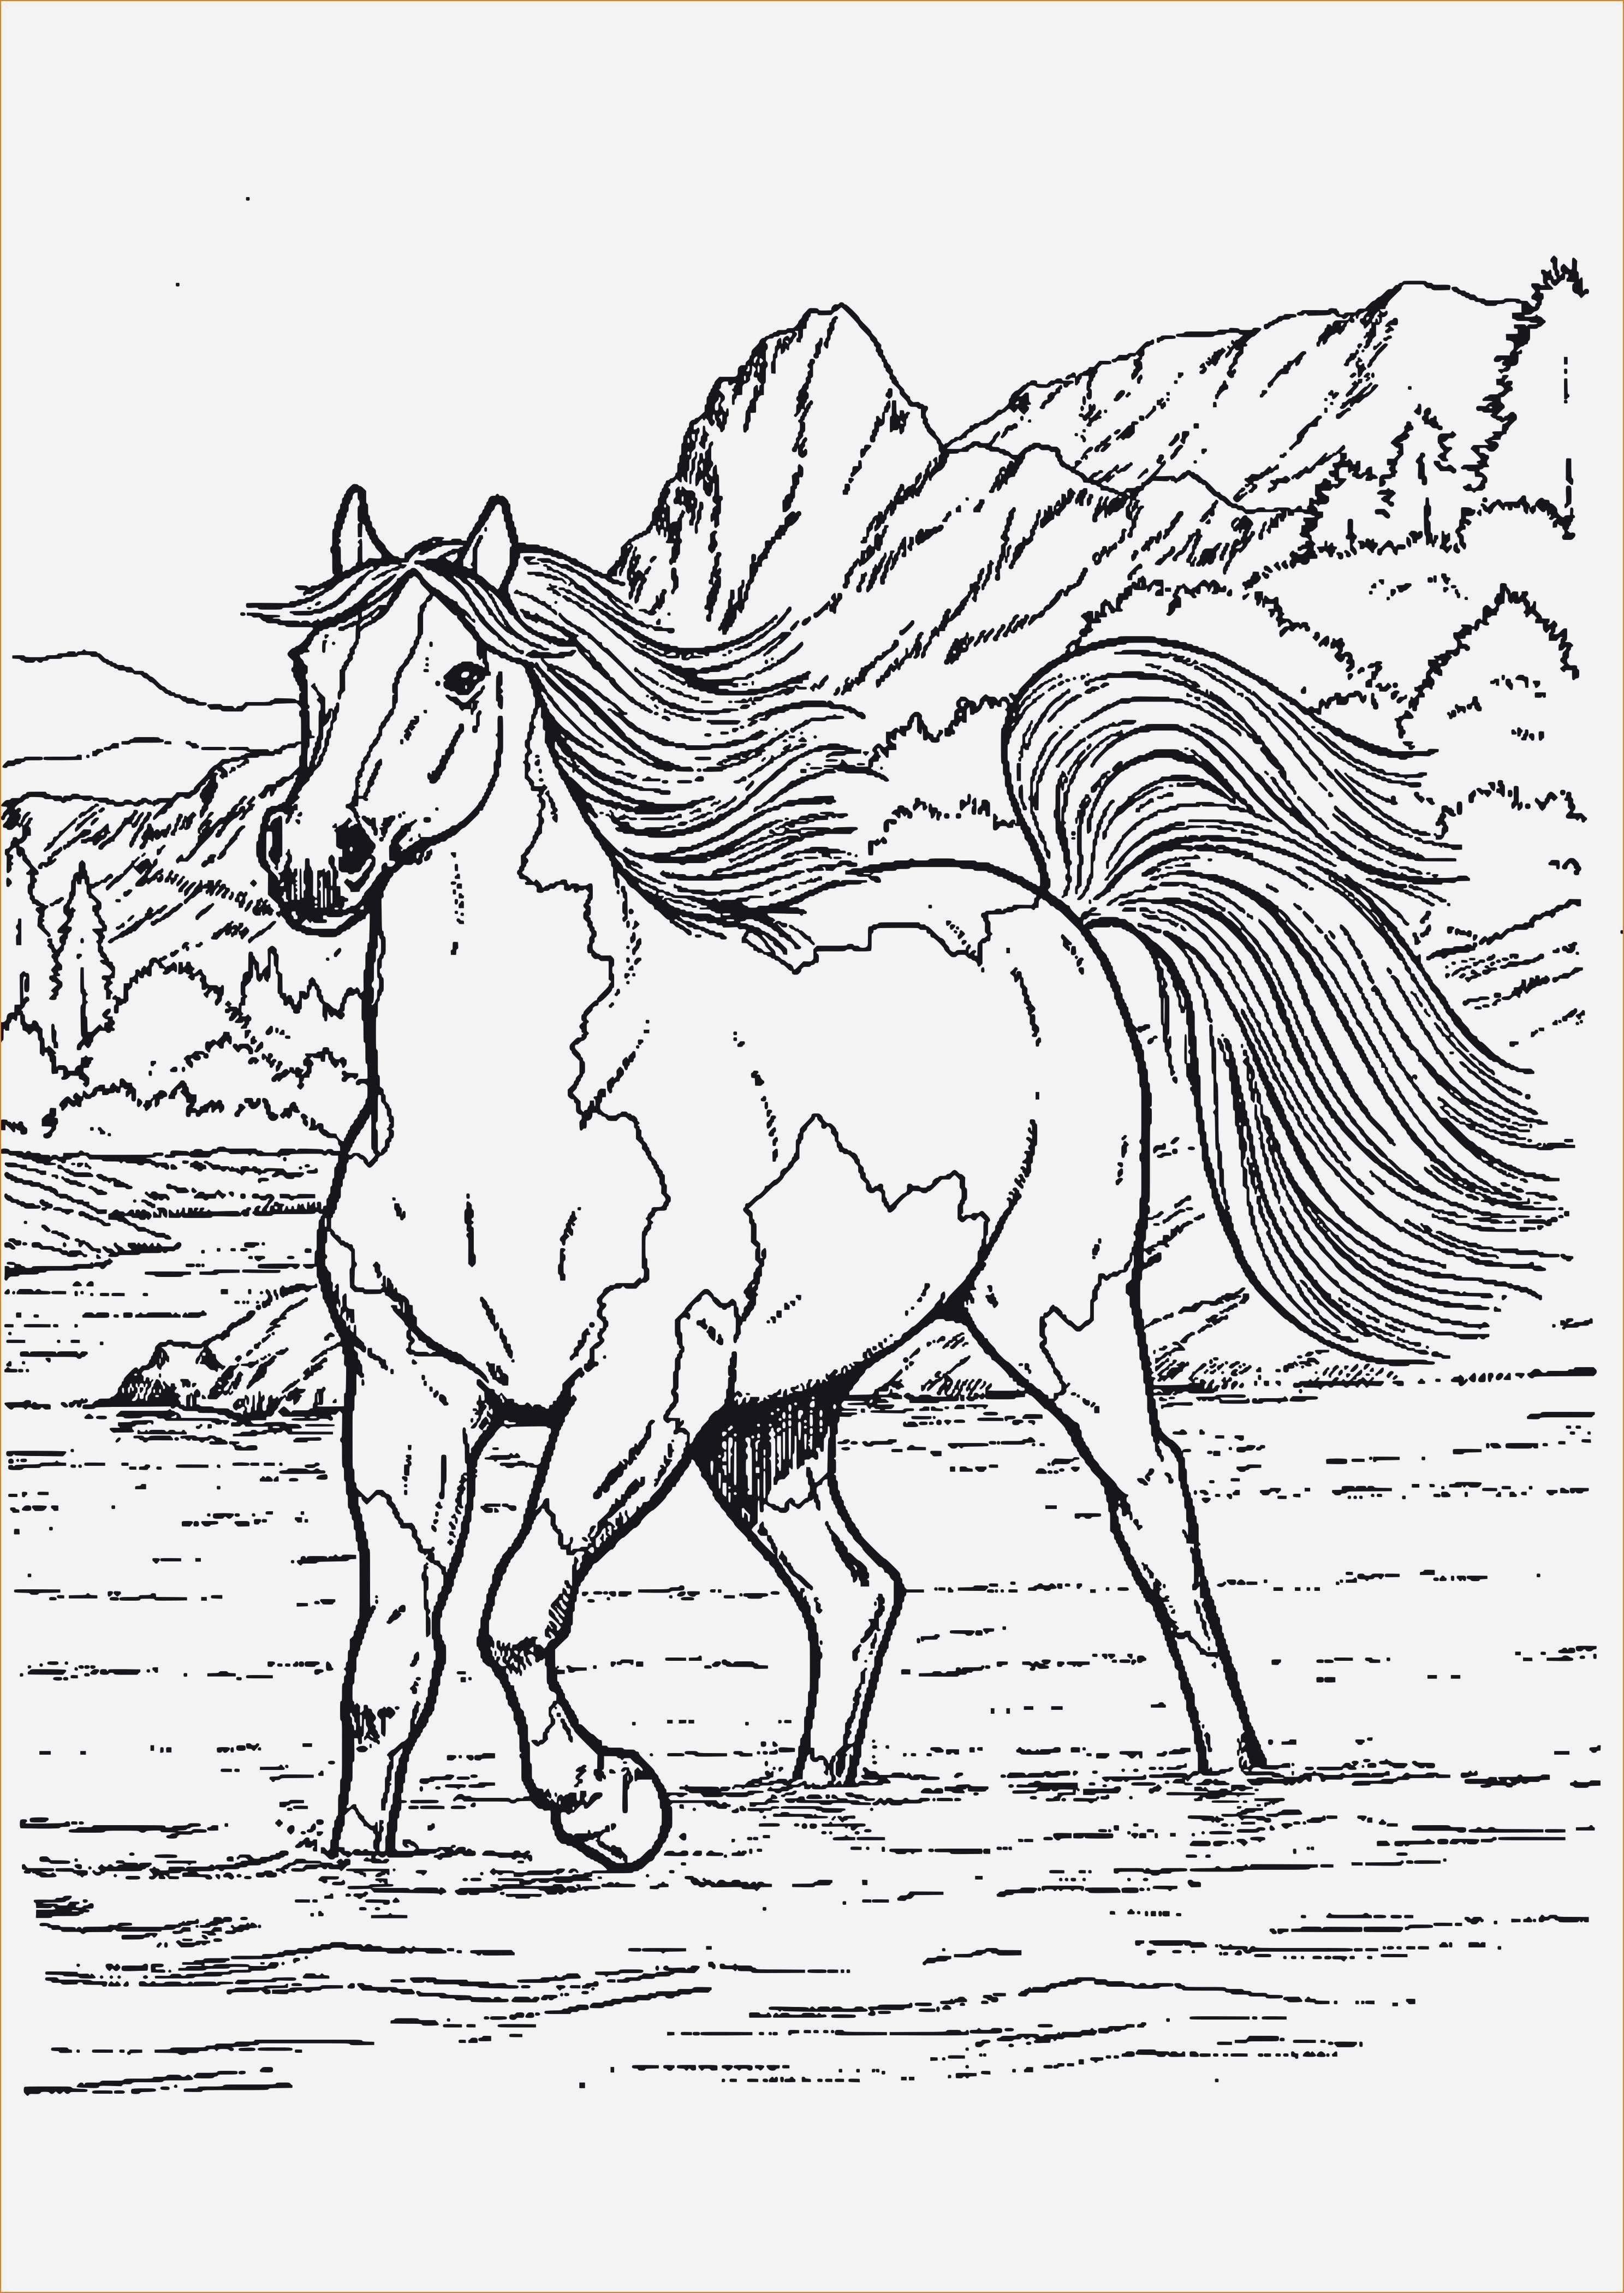 Reh Bilder Zum Ausmalen Einzigartig Ausmalbilder Pferde Zum Ausdrucken Bildergalerie & Bilder Zum Fotos